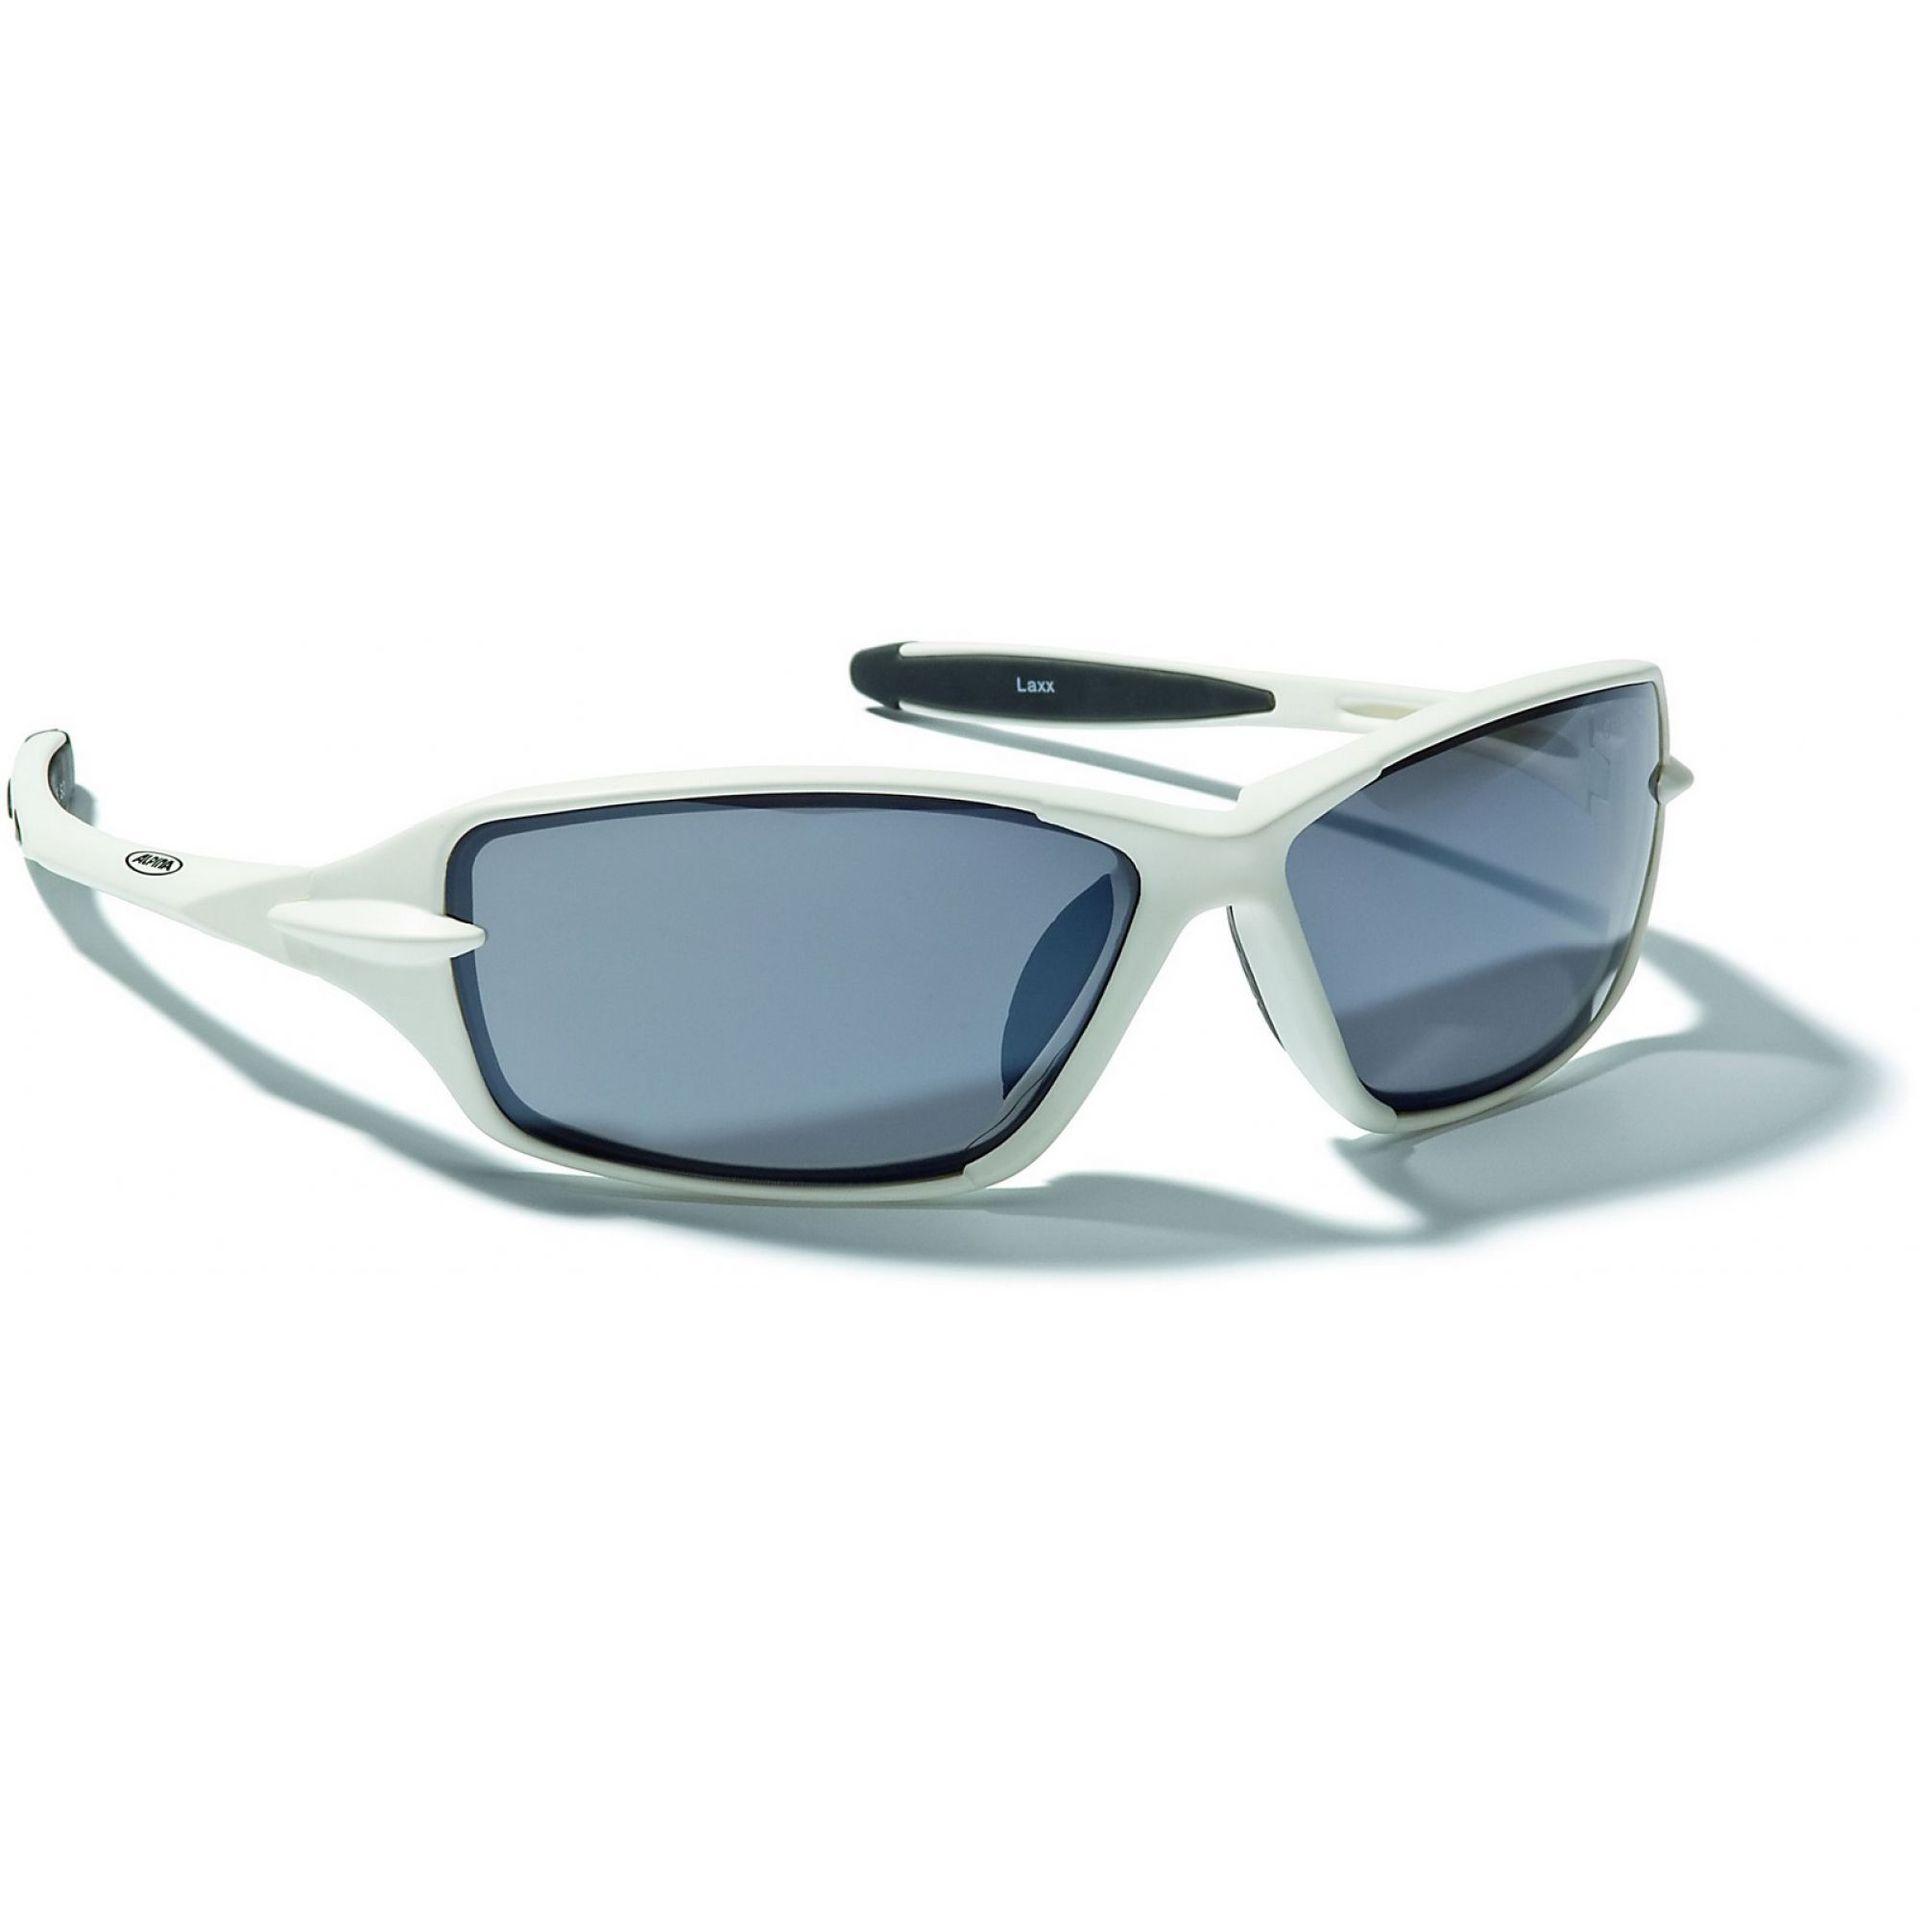 Okulary Alpina Laxx biało czarne